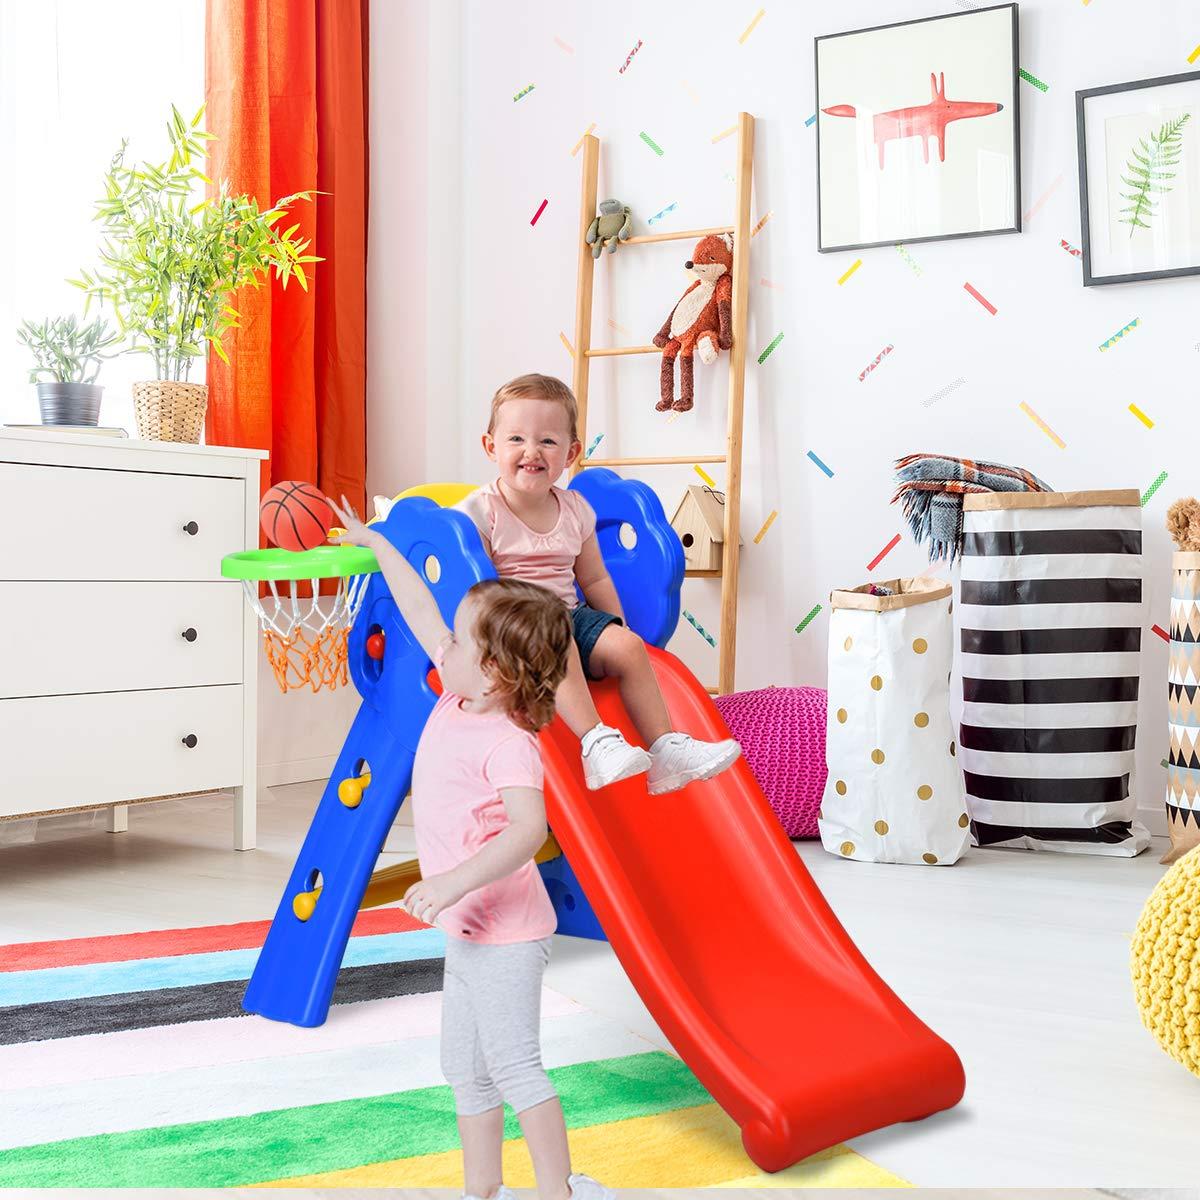 Floral Rail +Basketball Hoop BABY JOY Folding Slide Indoor First Slide Plastic Play Slide Climber Kids